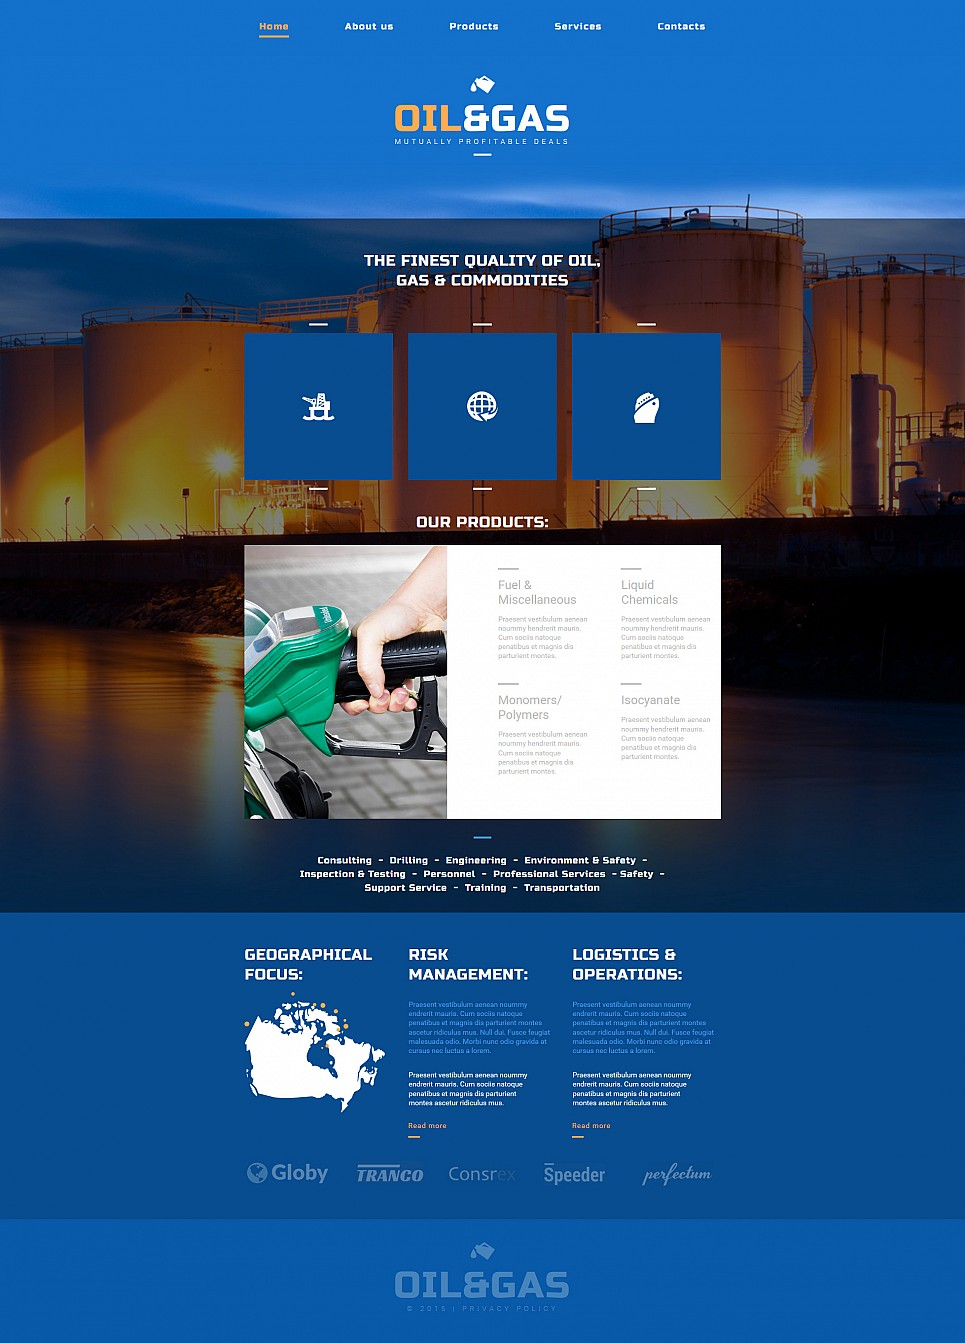 Webseiten-Vorlage in blauen Tönen für ein Öl- und Gasunternehmen